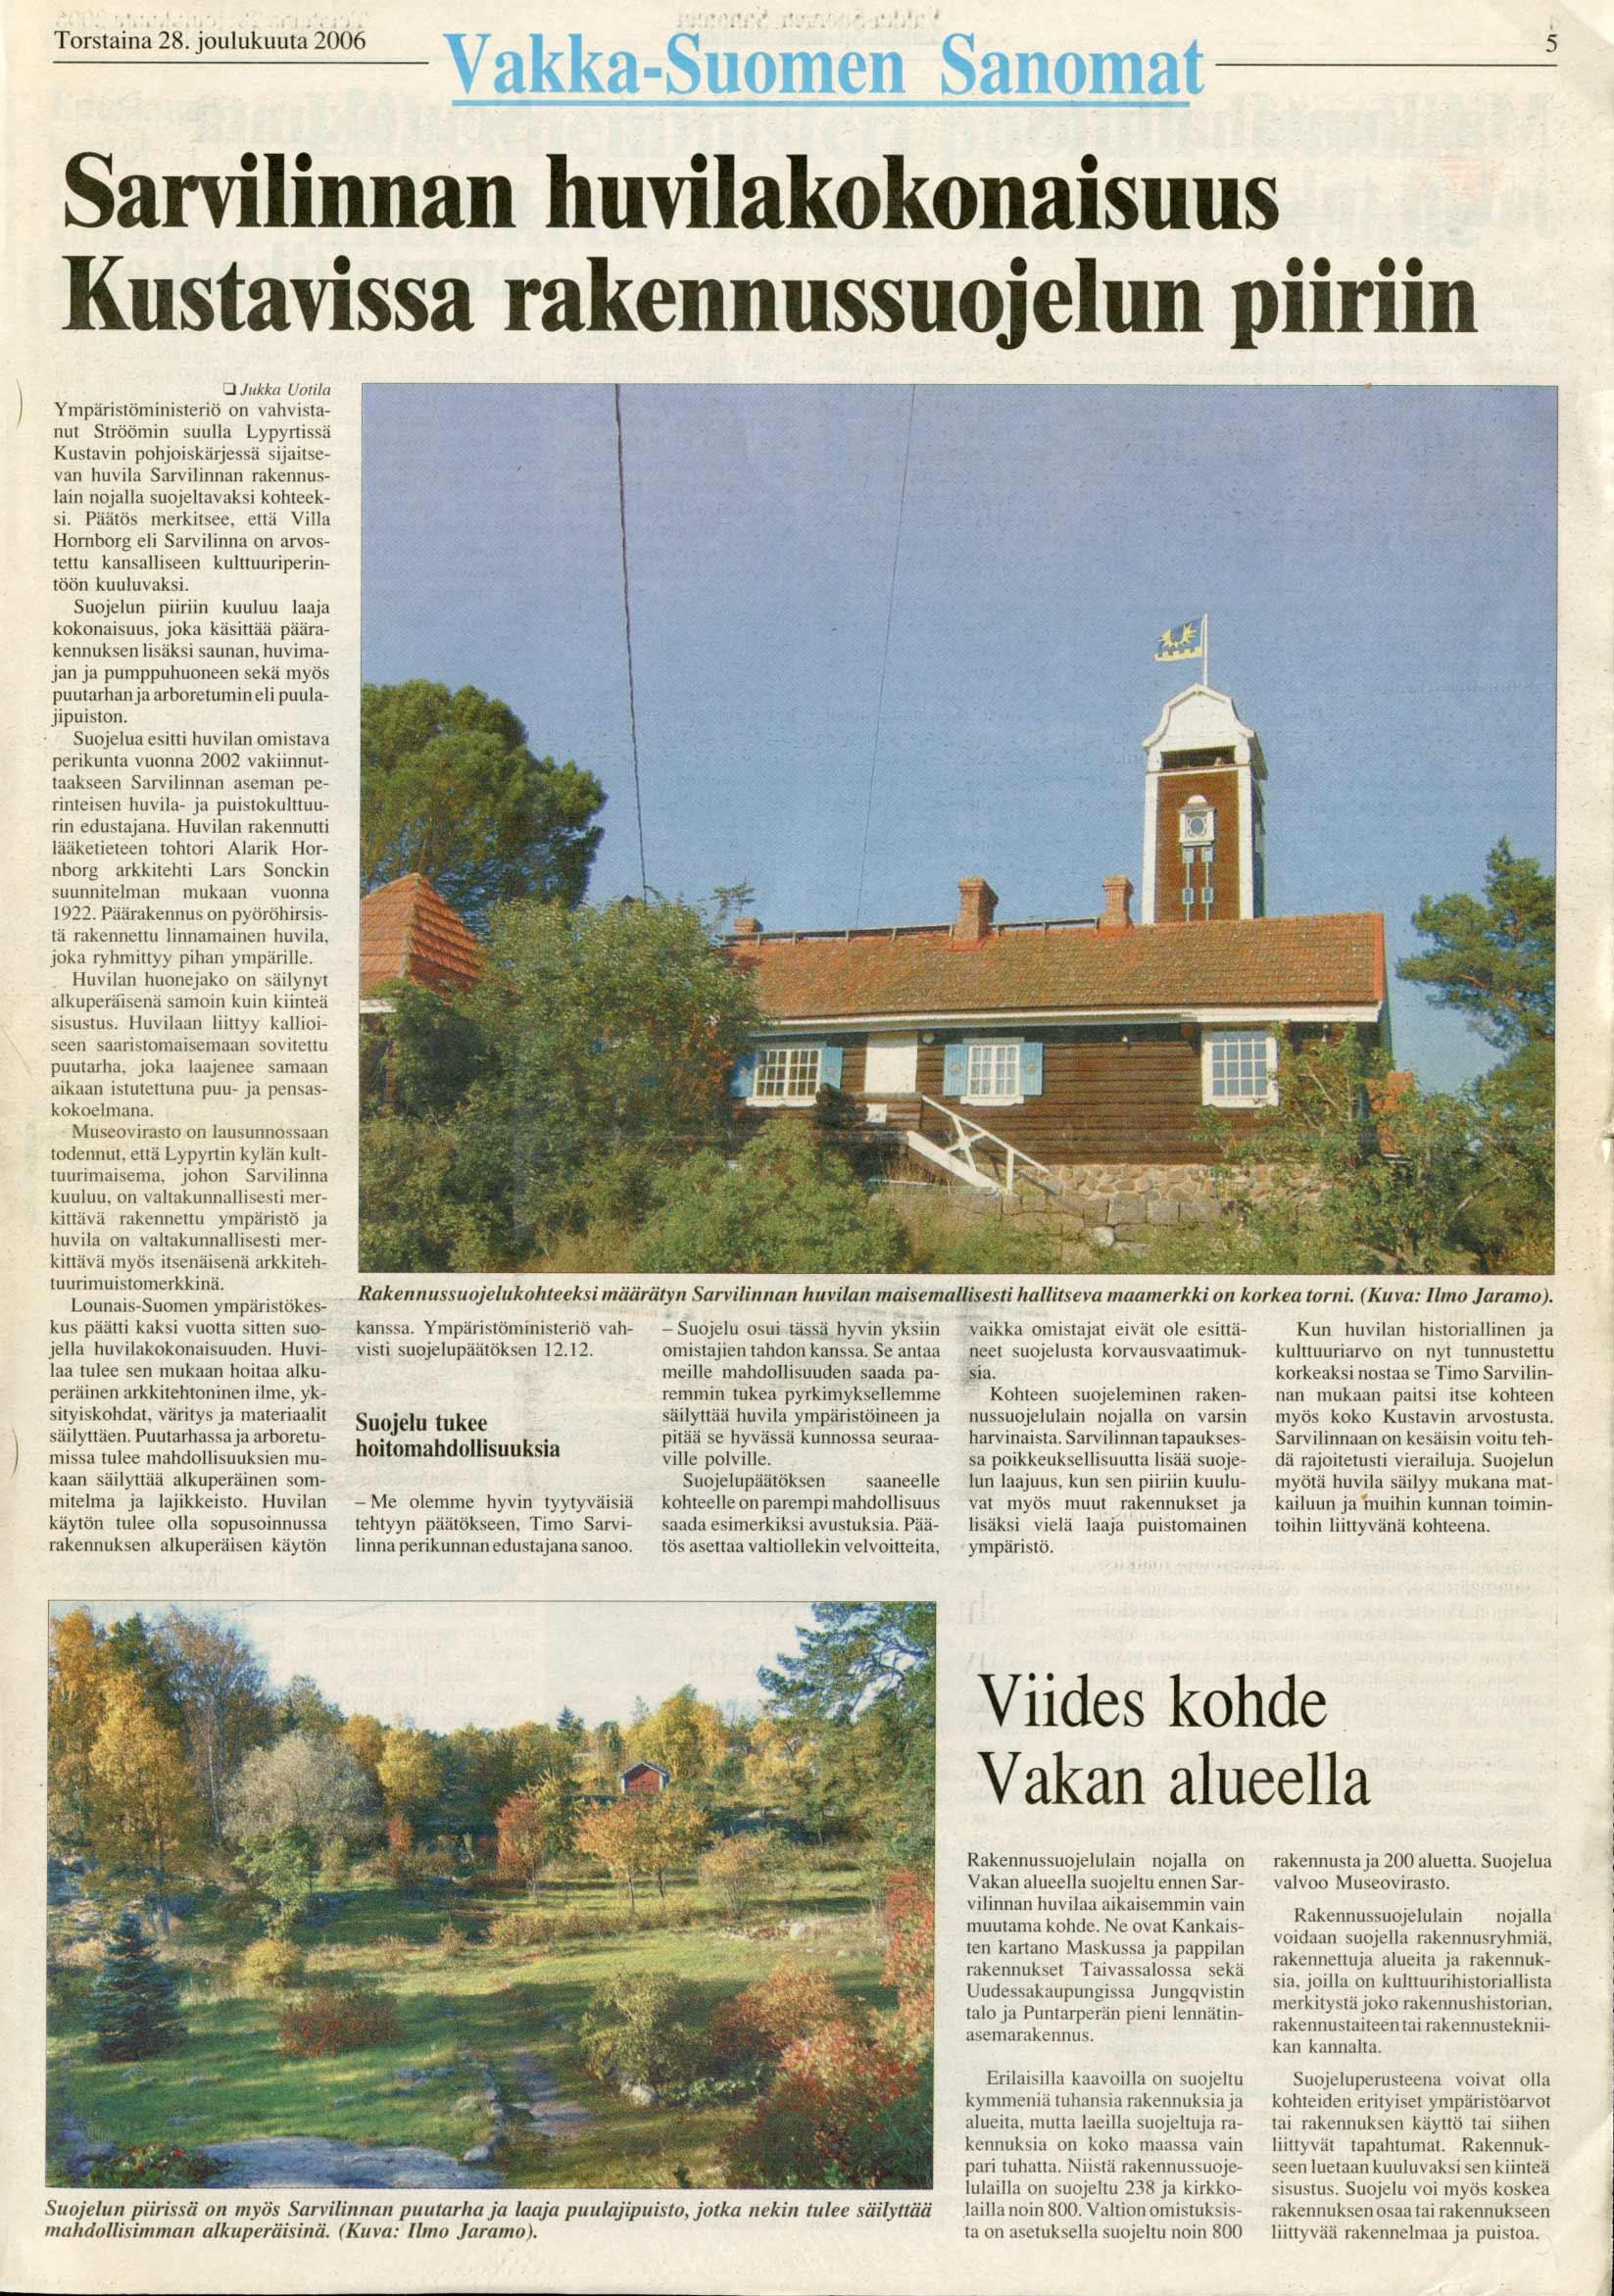 Vakka-Suomen Sanomat 28.12.2006